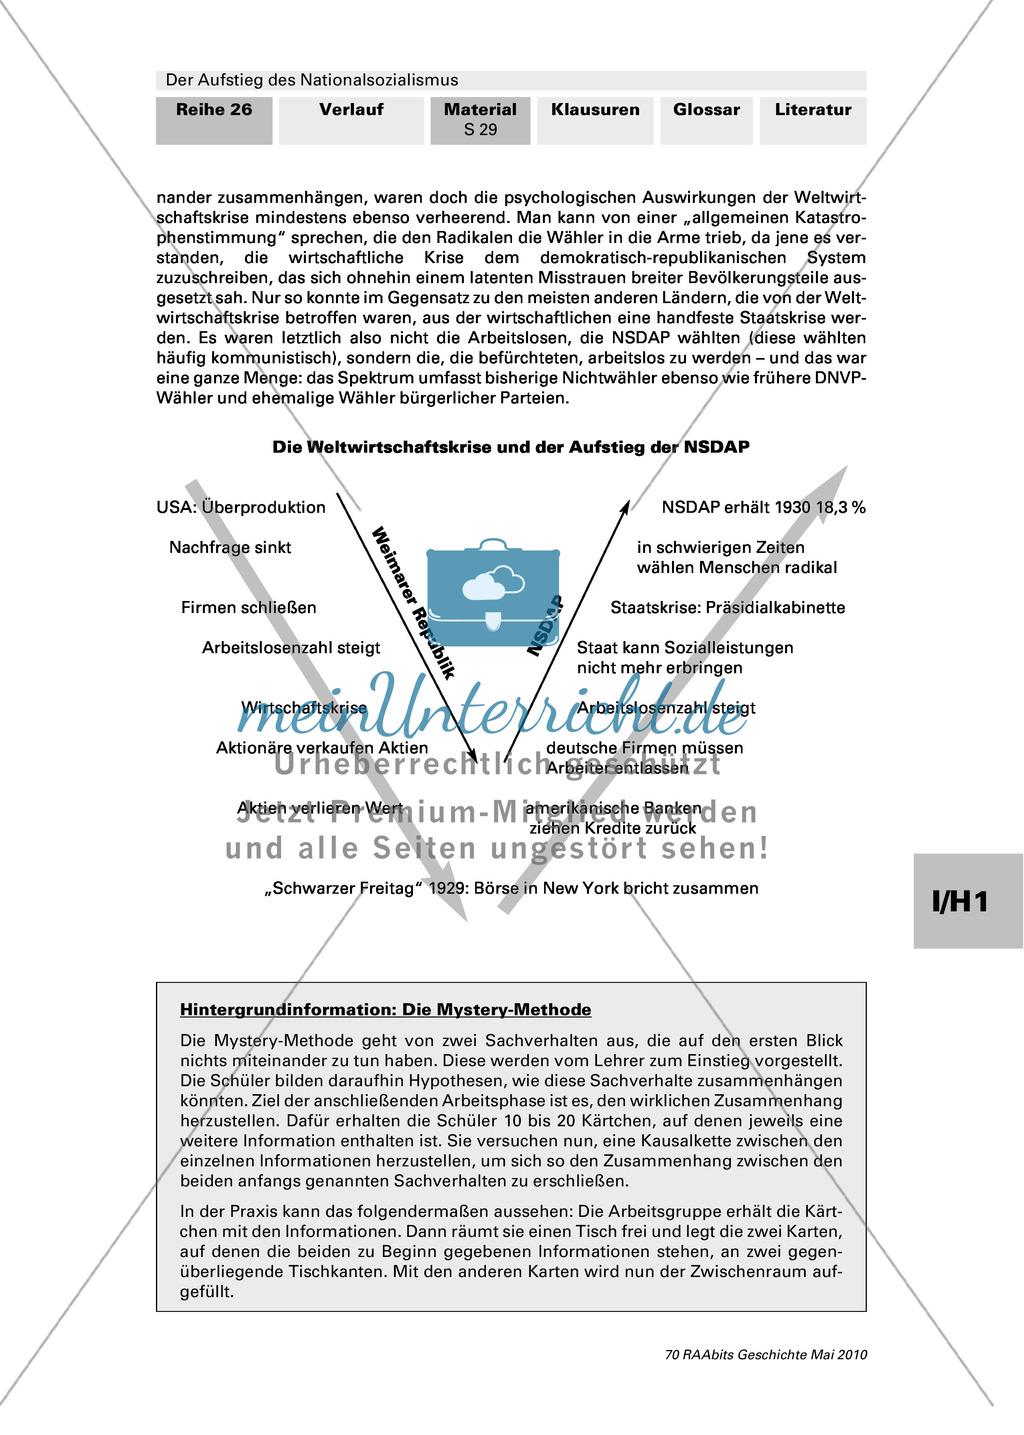 Der Aufstieg des Nationalsozialismus in der Weimarer Republik: Texte: Weltwirtschaftskrise und der Aufstieg der NSDAP + Mystery-Methode Preview 3